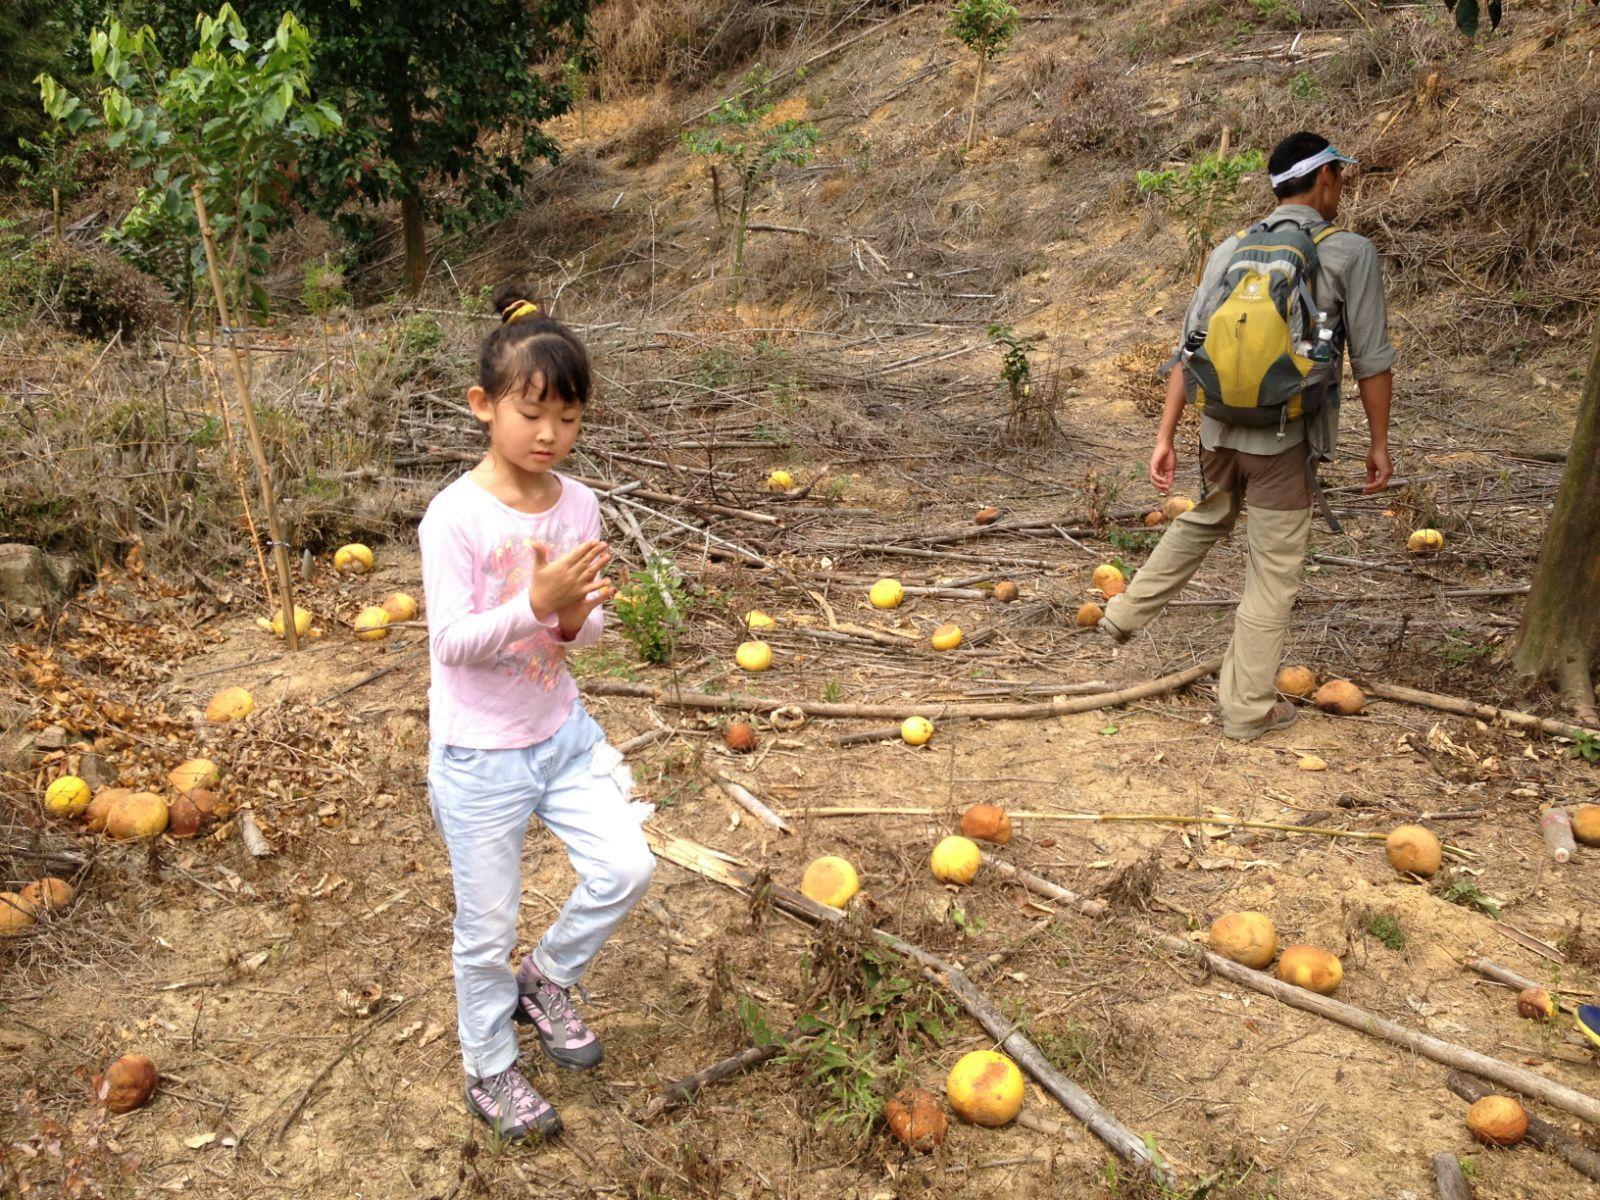 野生野长的柚子树下,一地的大小柚子,这可是孩子们袭击大人的炸弹